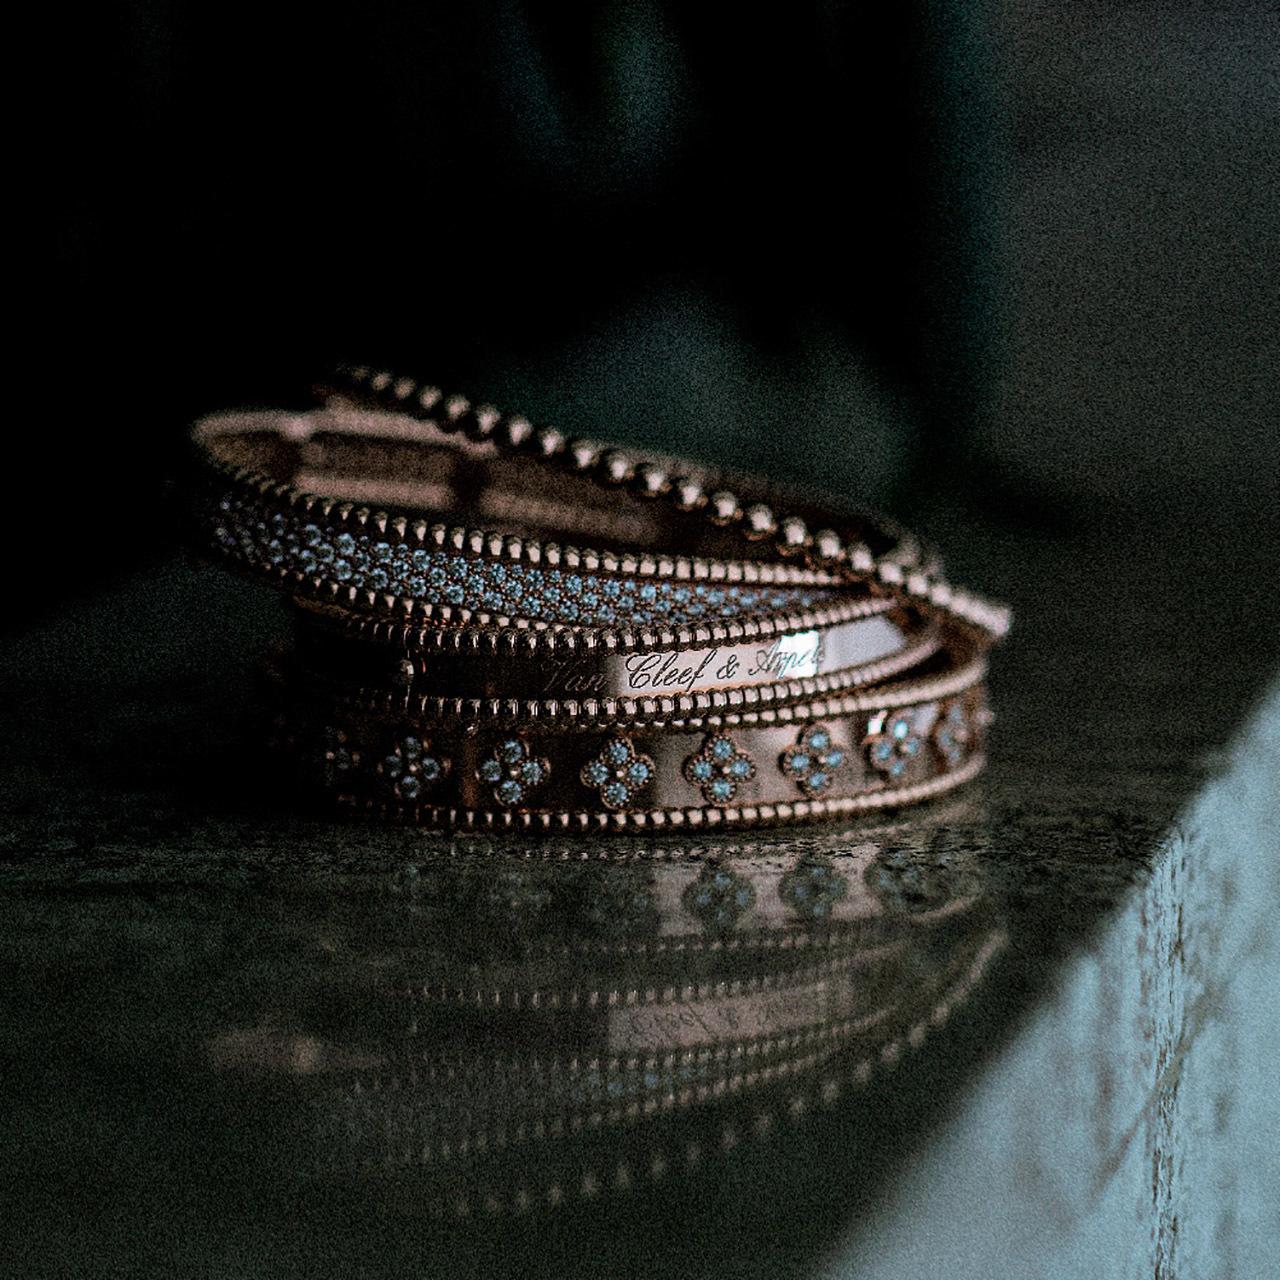 ピンク・黒・白の3色で魅せる、大人ジュエリーのすすめ 五選_1_1-2